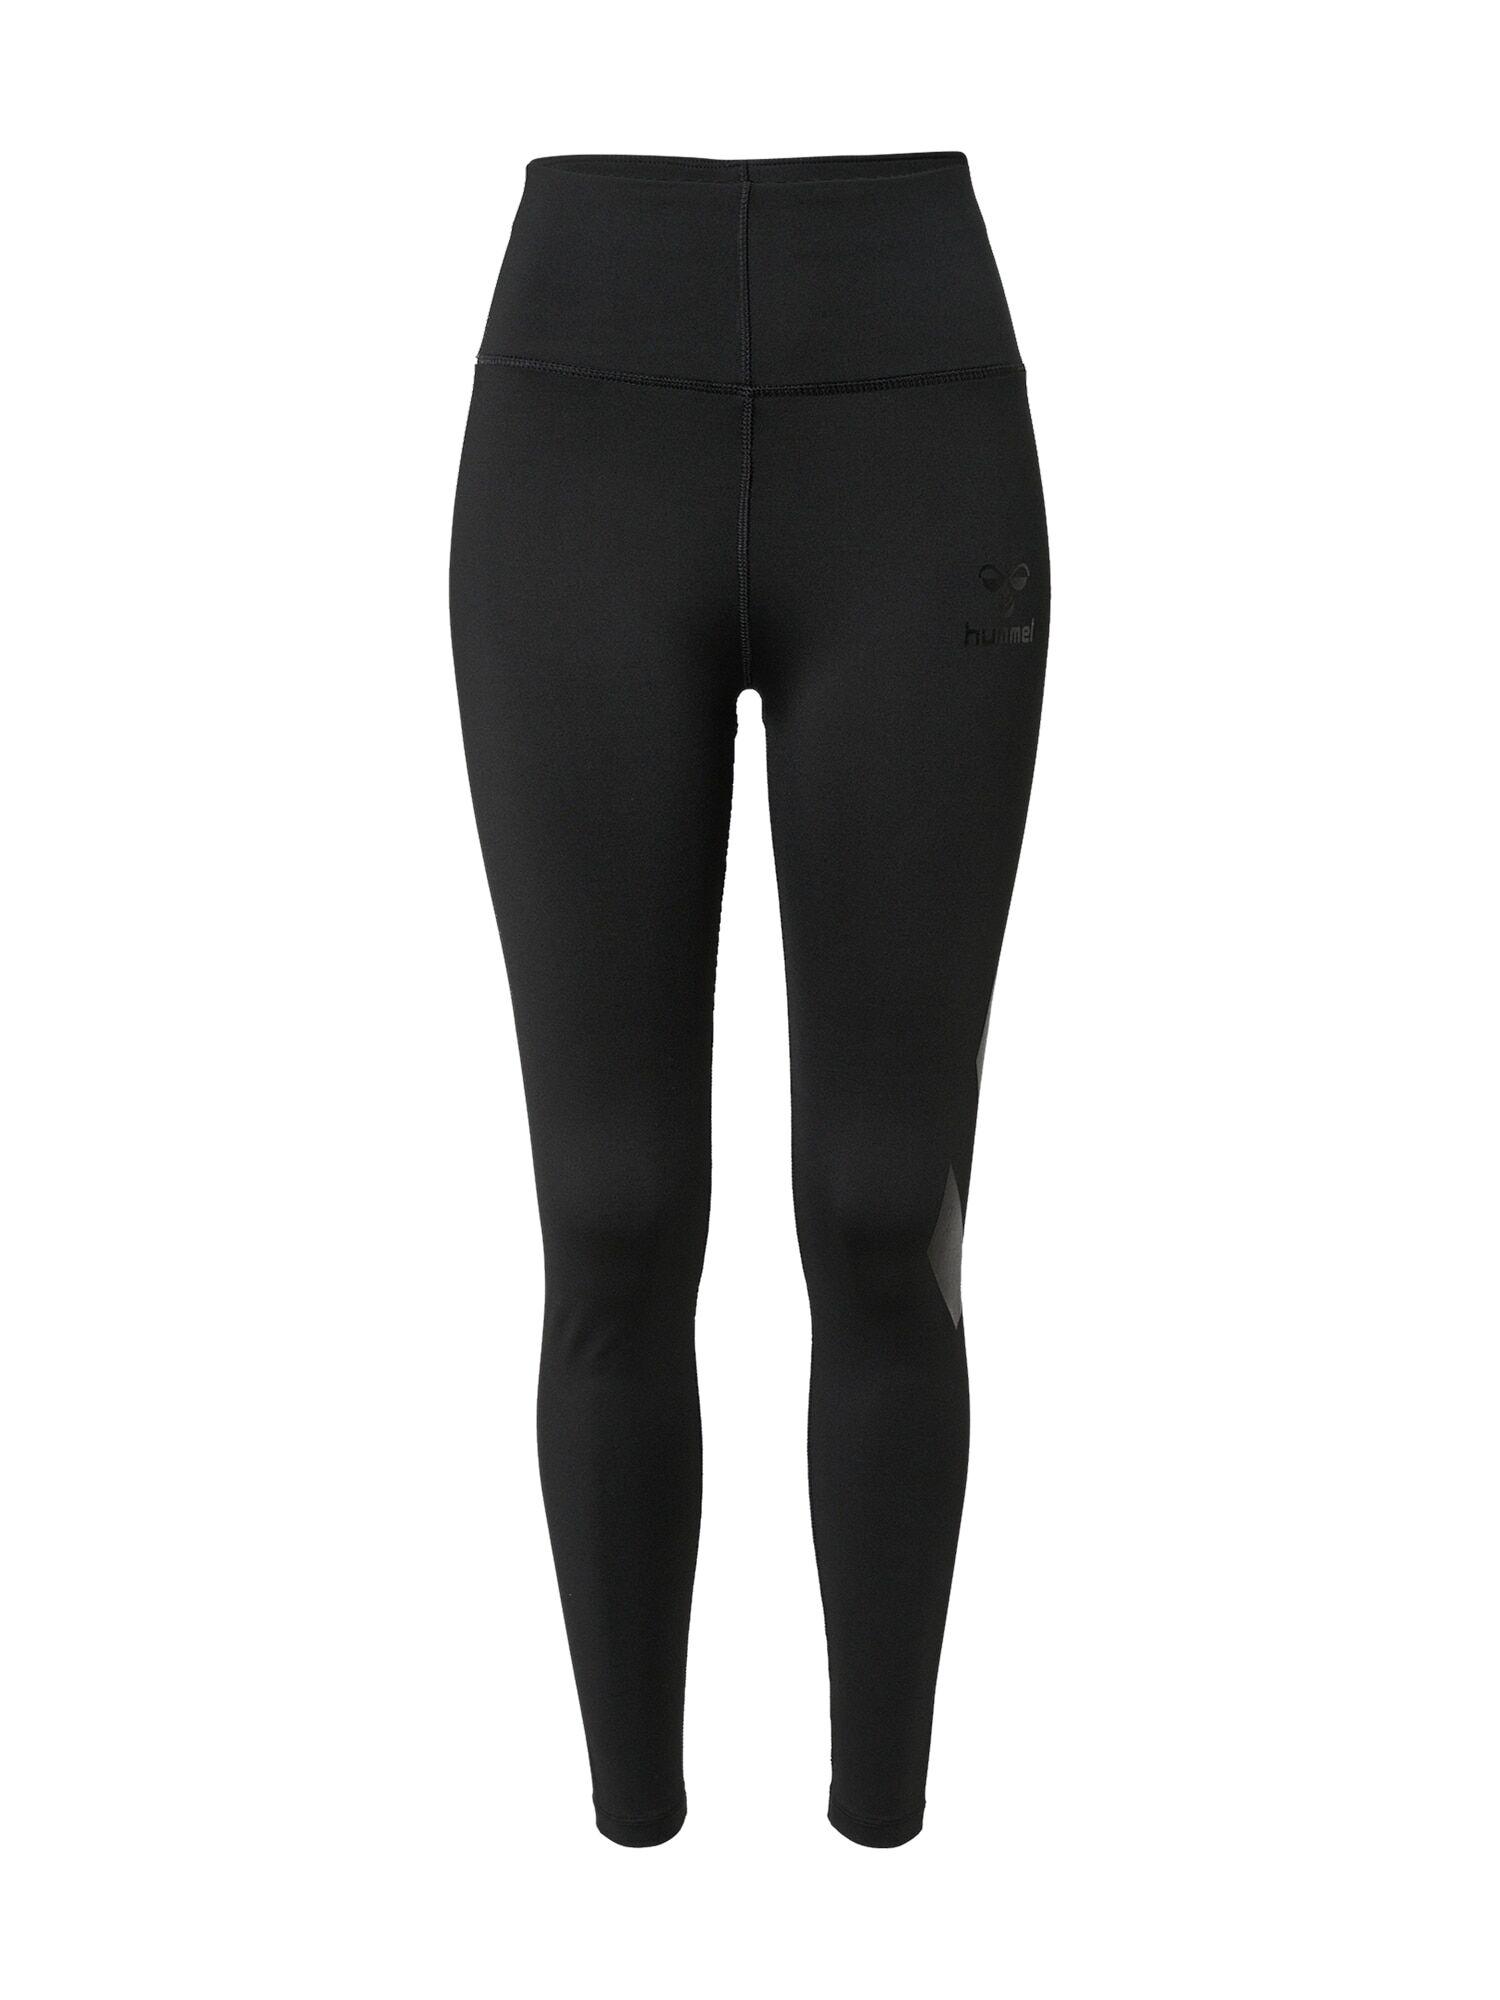 Hummel Pantalon de sport 'Paris'  - Noir - Taille: S - female